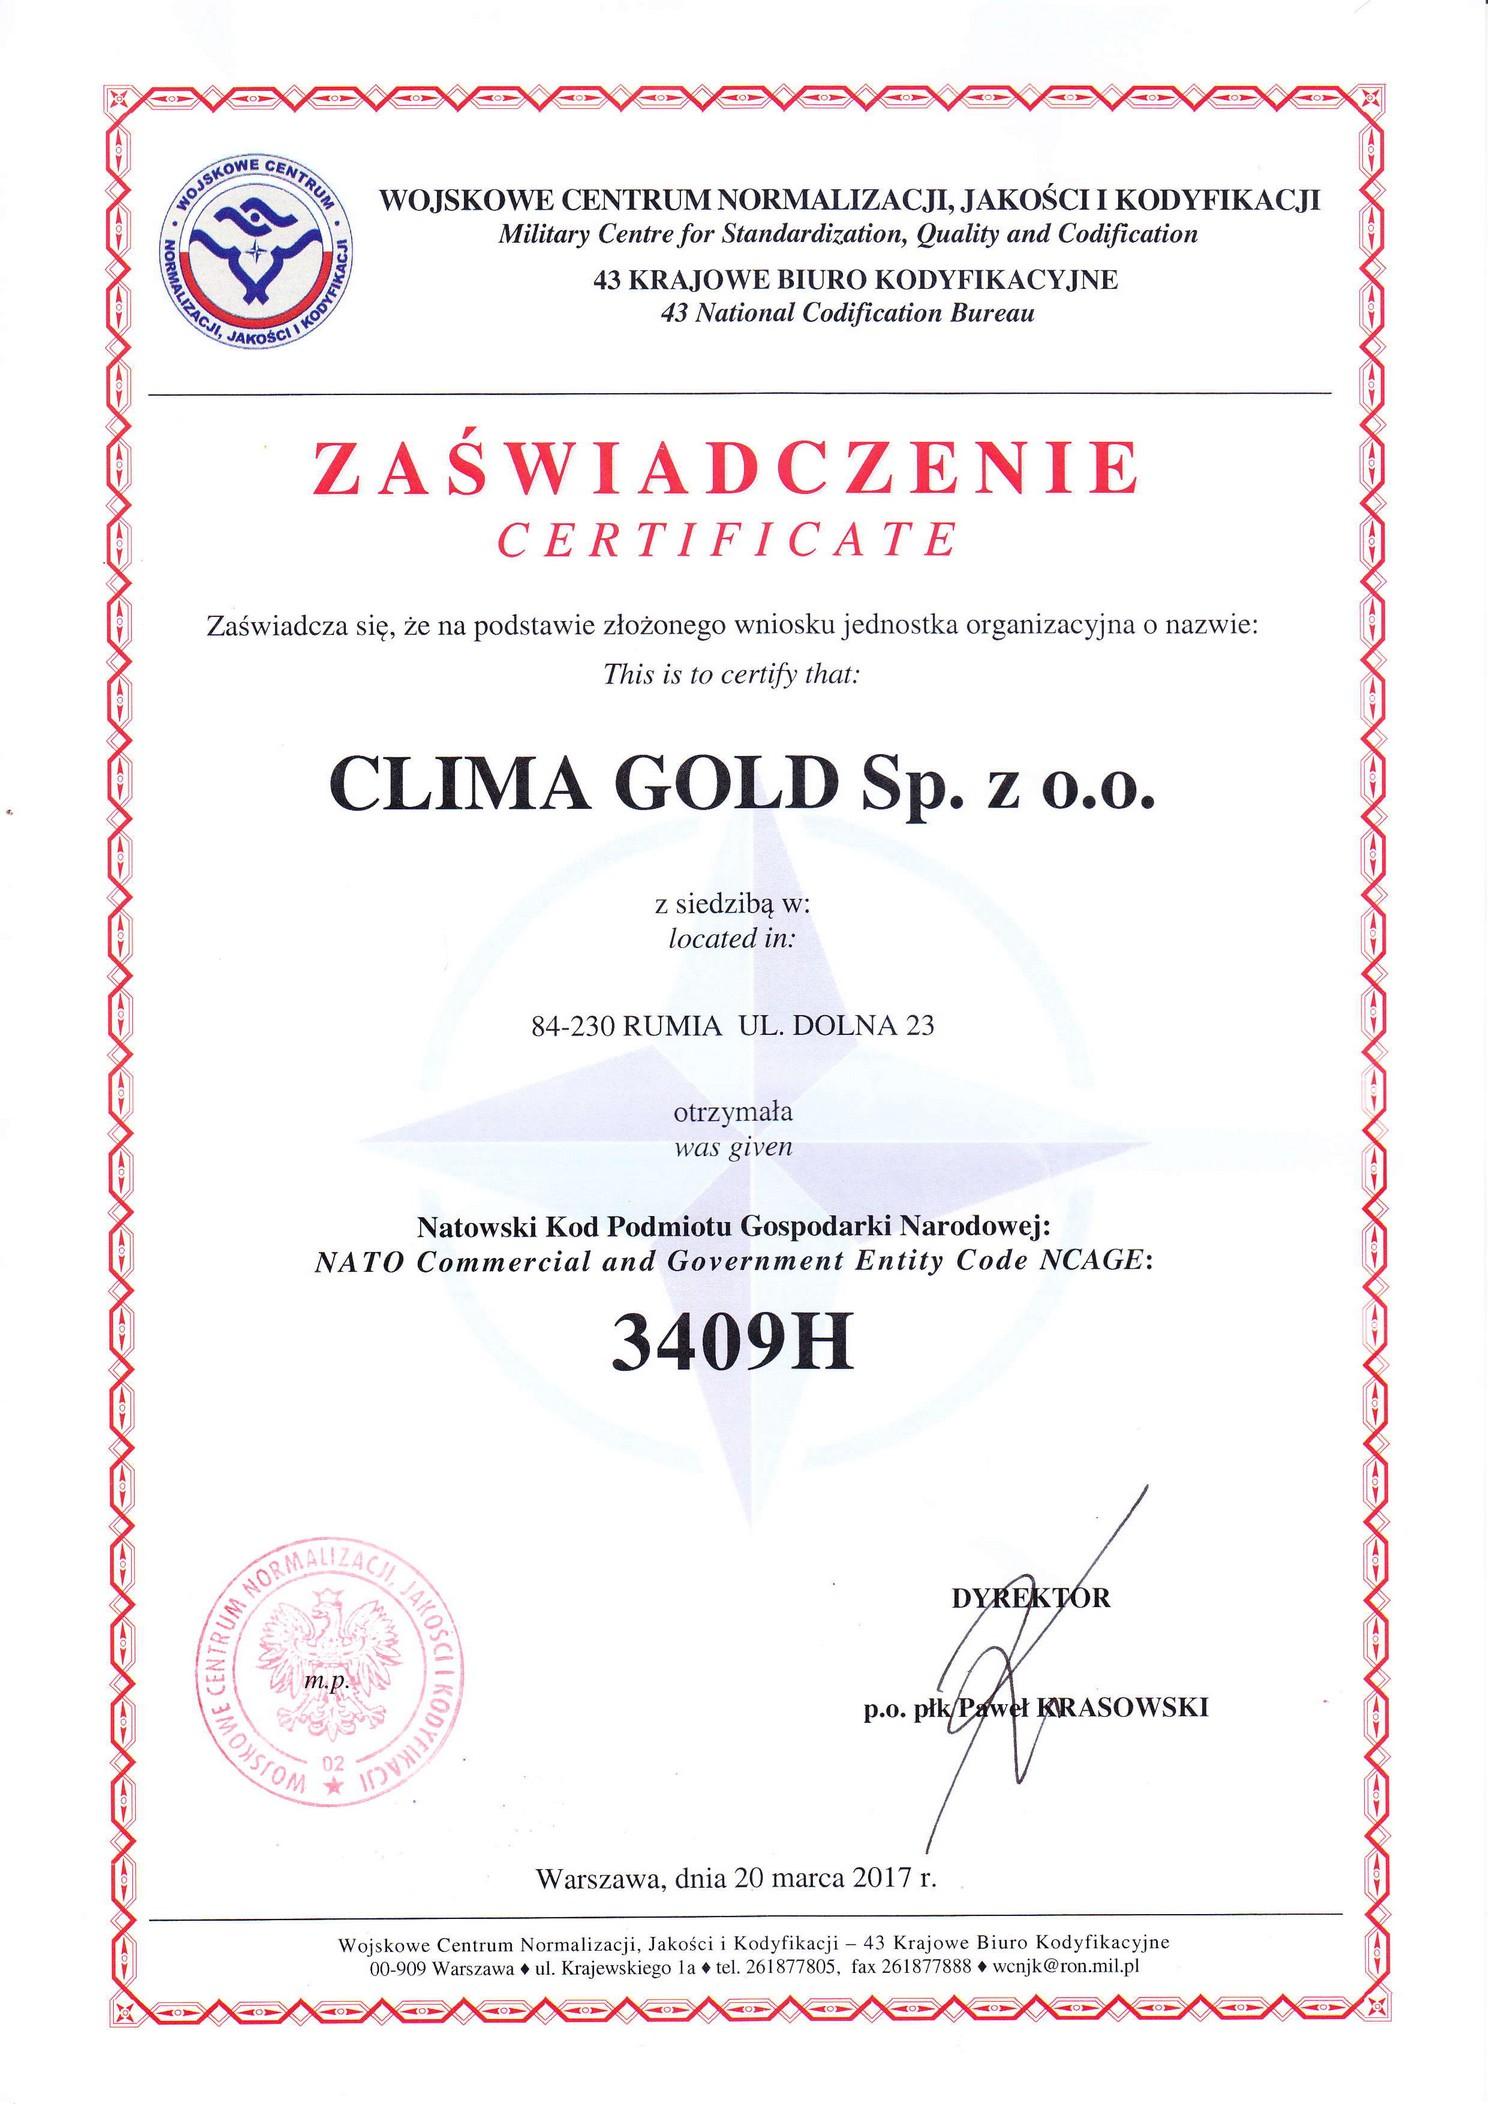 Certyfikat NATO (NCAGE) dla Clima Gold Sp. z o.o.